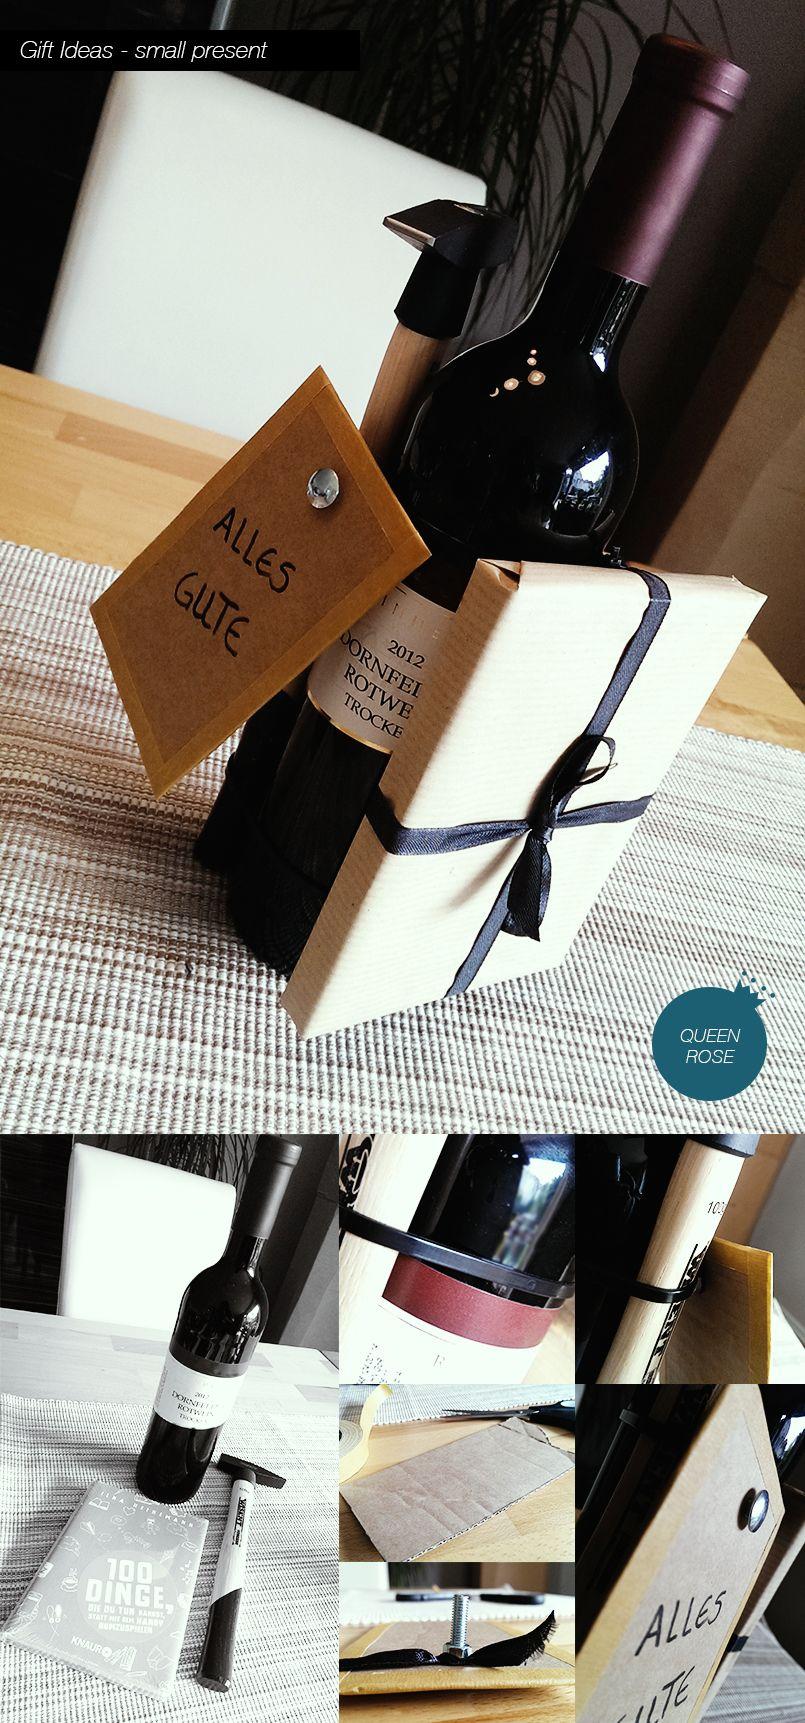 #Gift #Idea - small present - Süße Idee für ein kleines Mitbringsel #housewarming